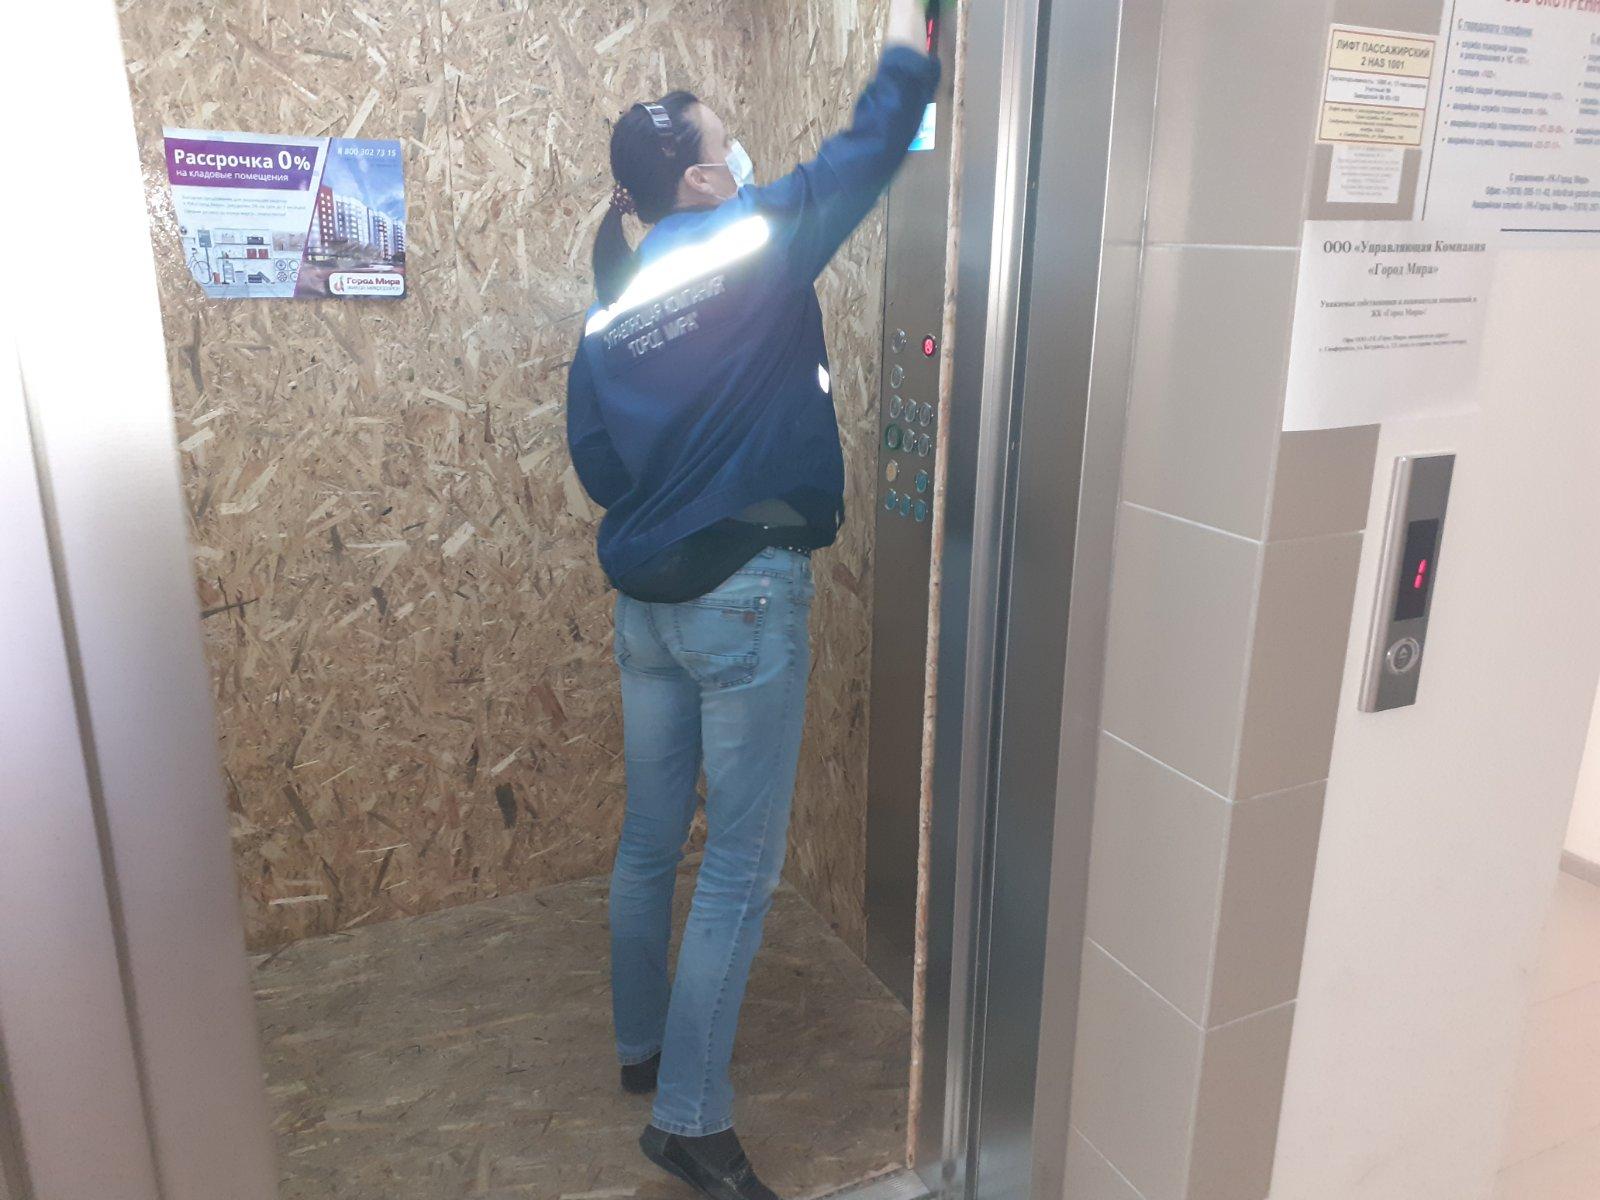 Обработка хлорсодержащим раствором кабины лифта